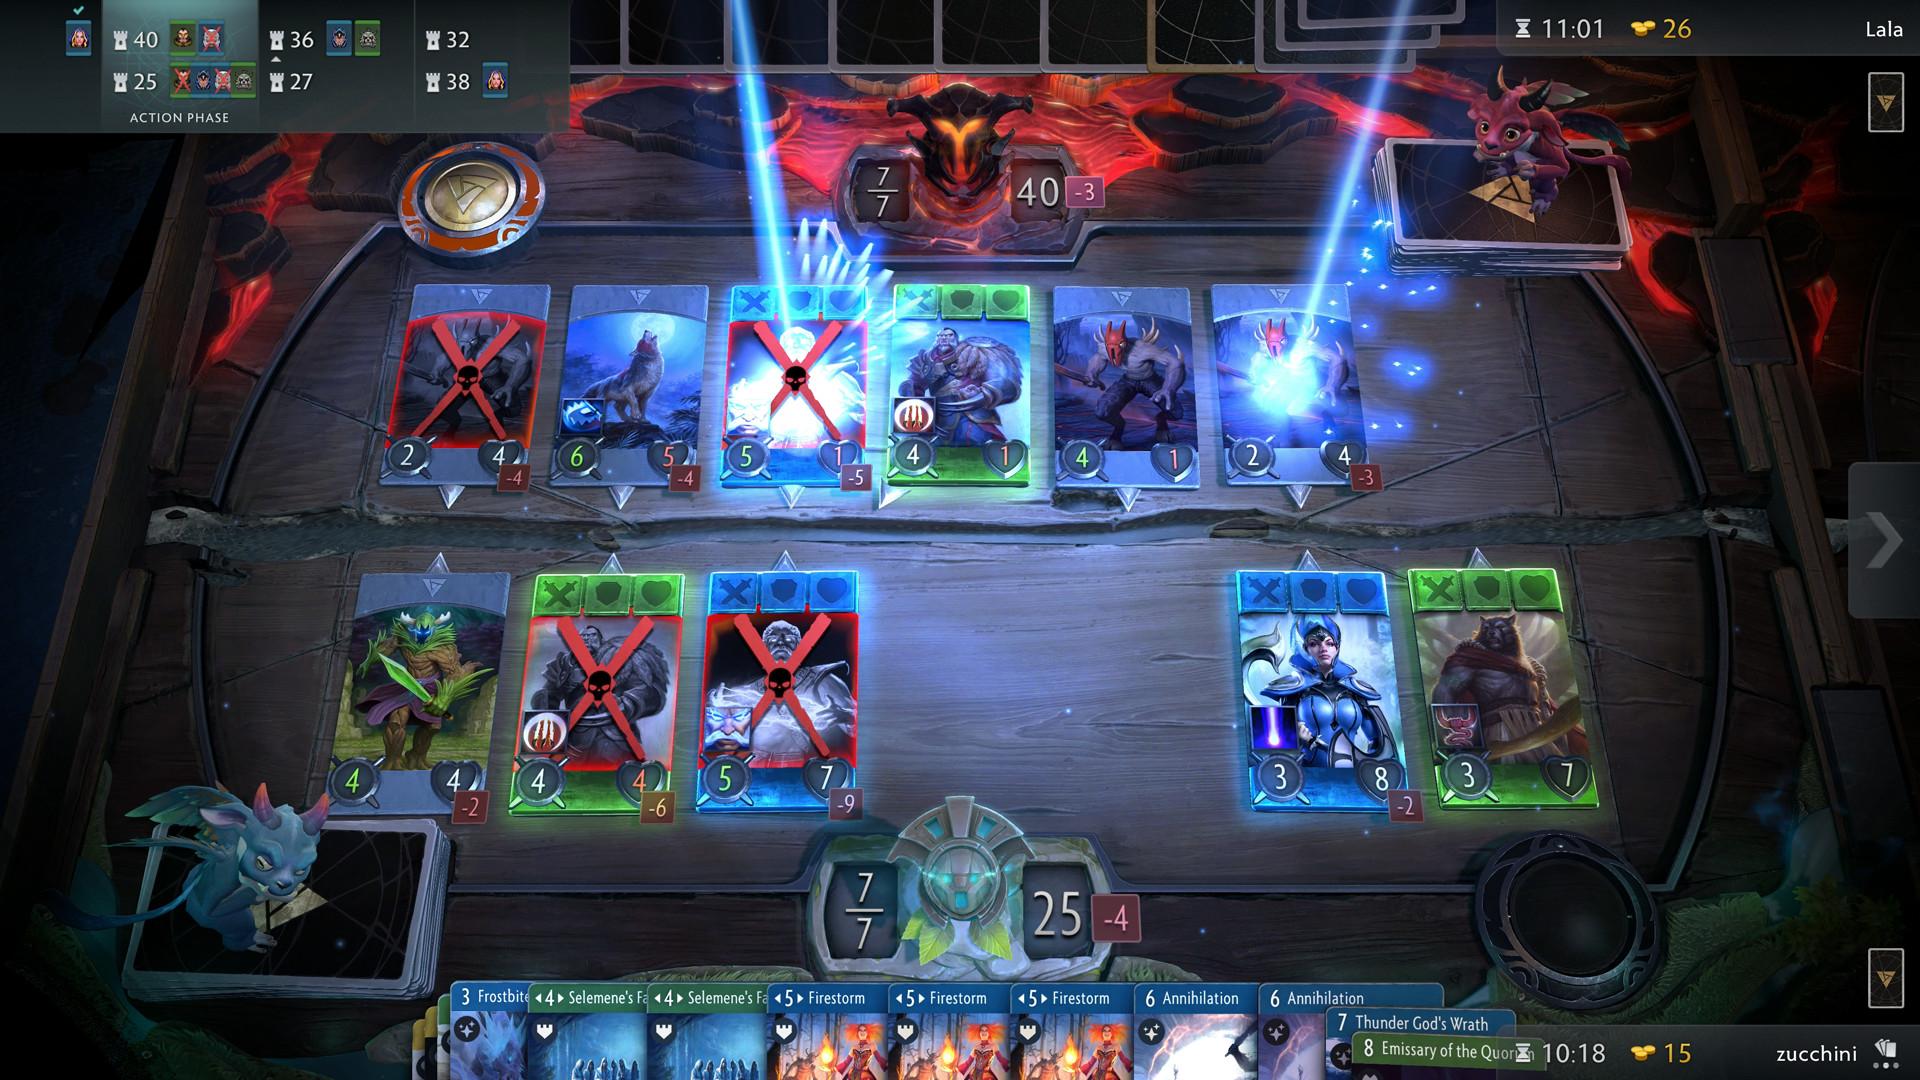 Valve's Dota 2 Inspired Card Battle Game, Artifact, Releases November 28th